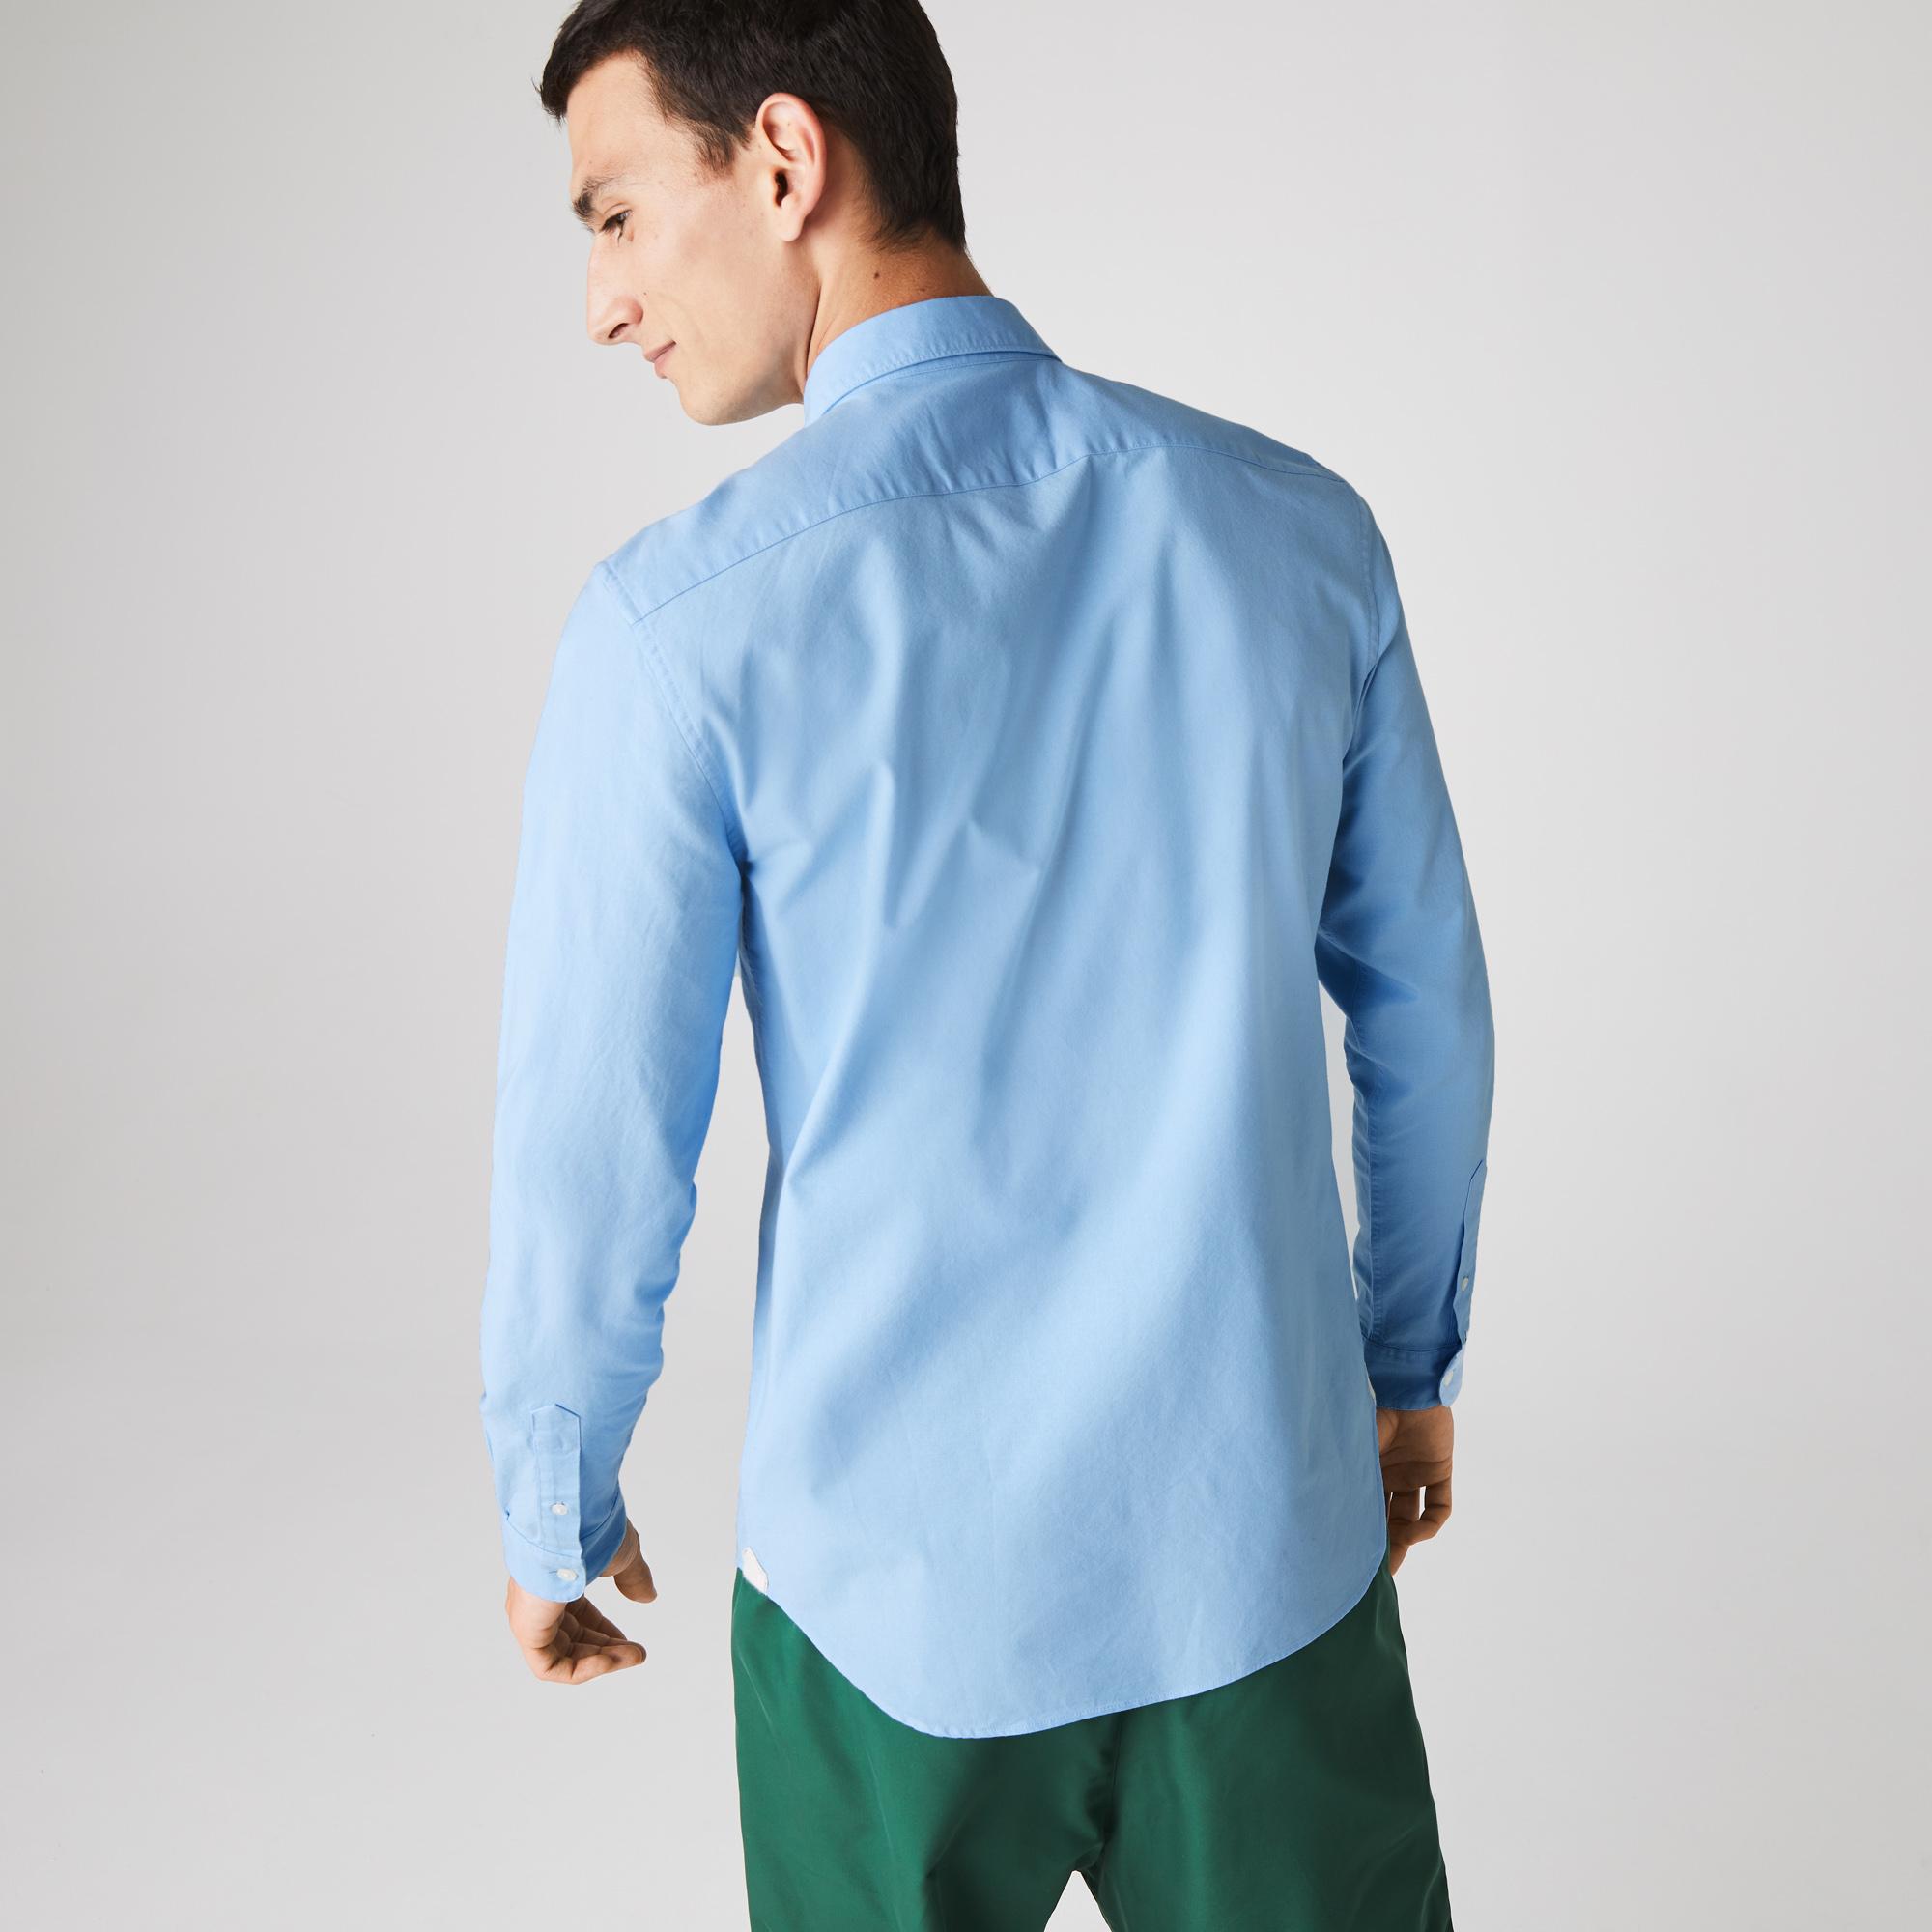 Lacoste Men's Slim Fit Stretch Oxford Cotton Shirt